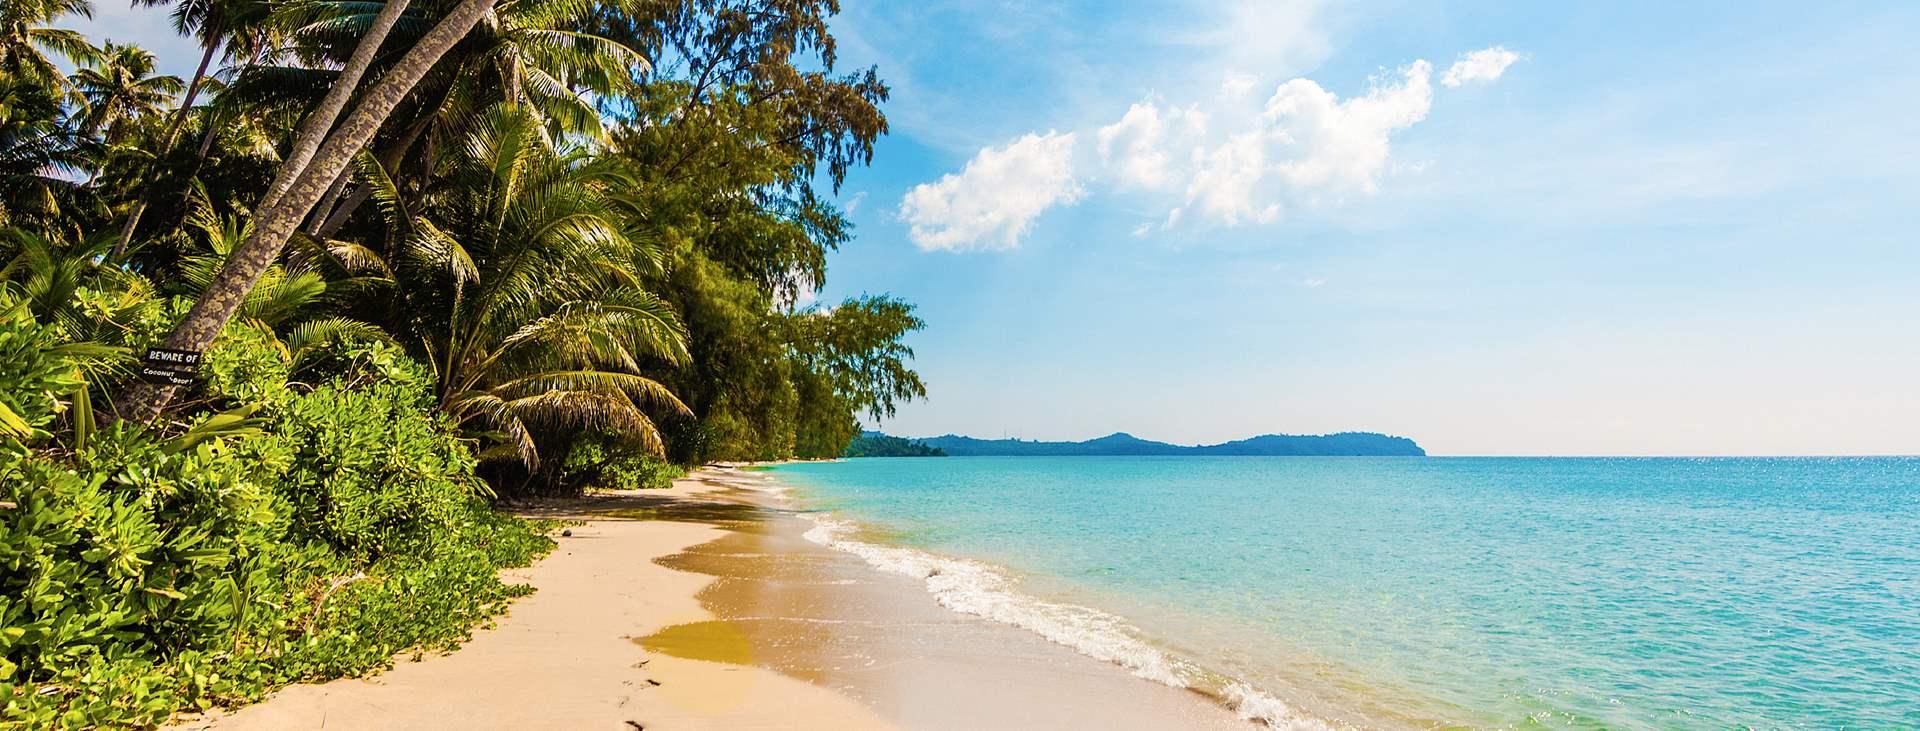 Bestill en reise med Ving til Mahe på Seychellene